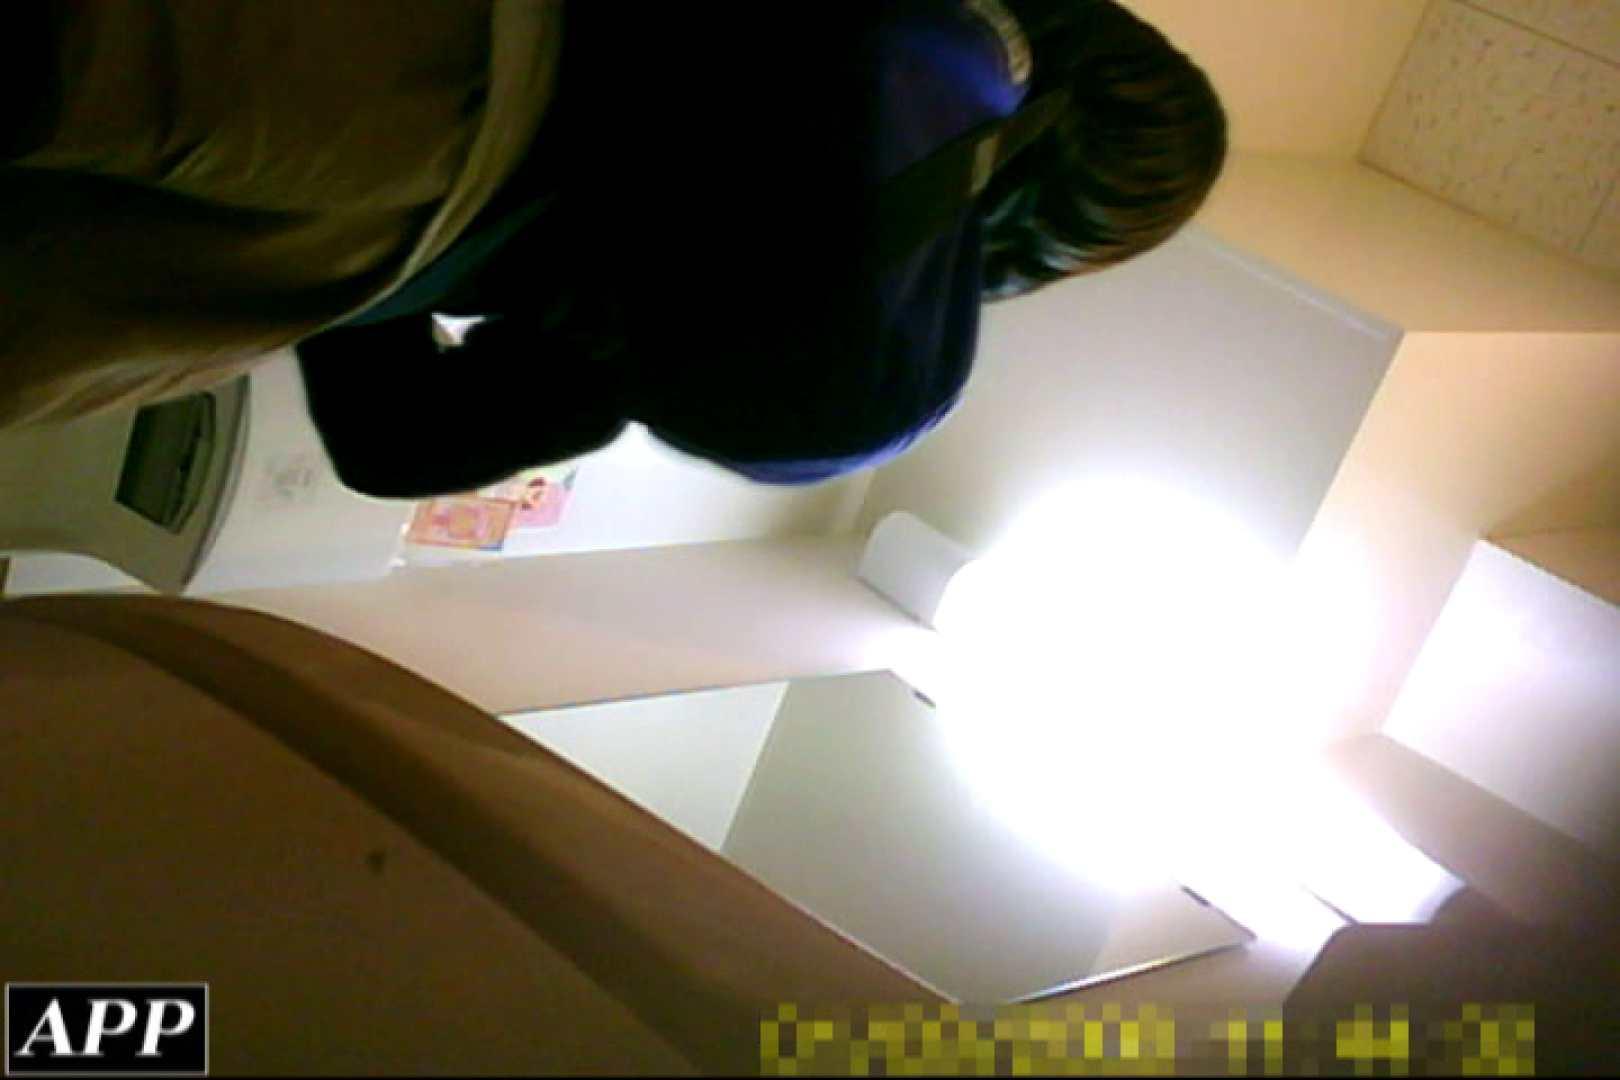 3視点洗面所 vol.05 OLの実態 盗撮ヌード画像 98pic 98